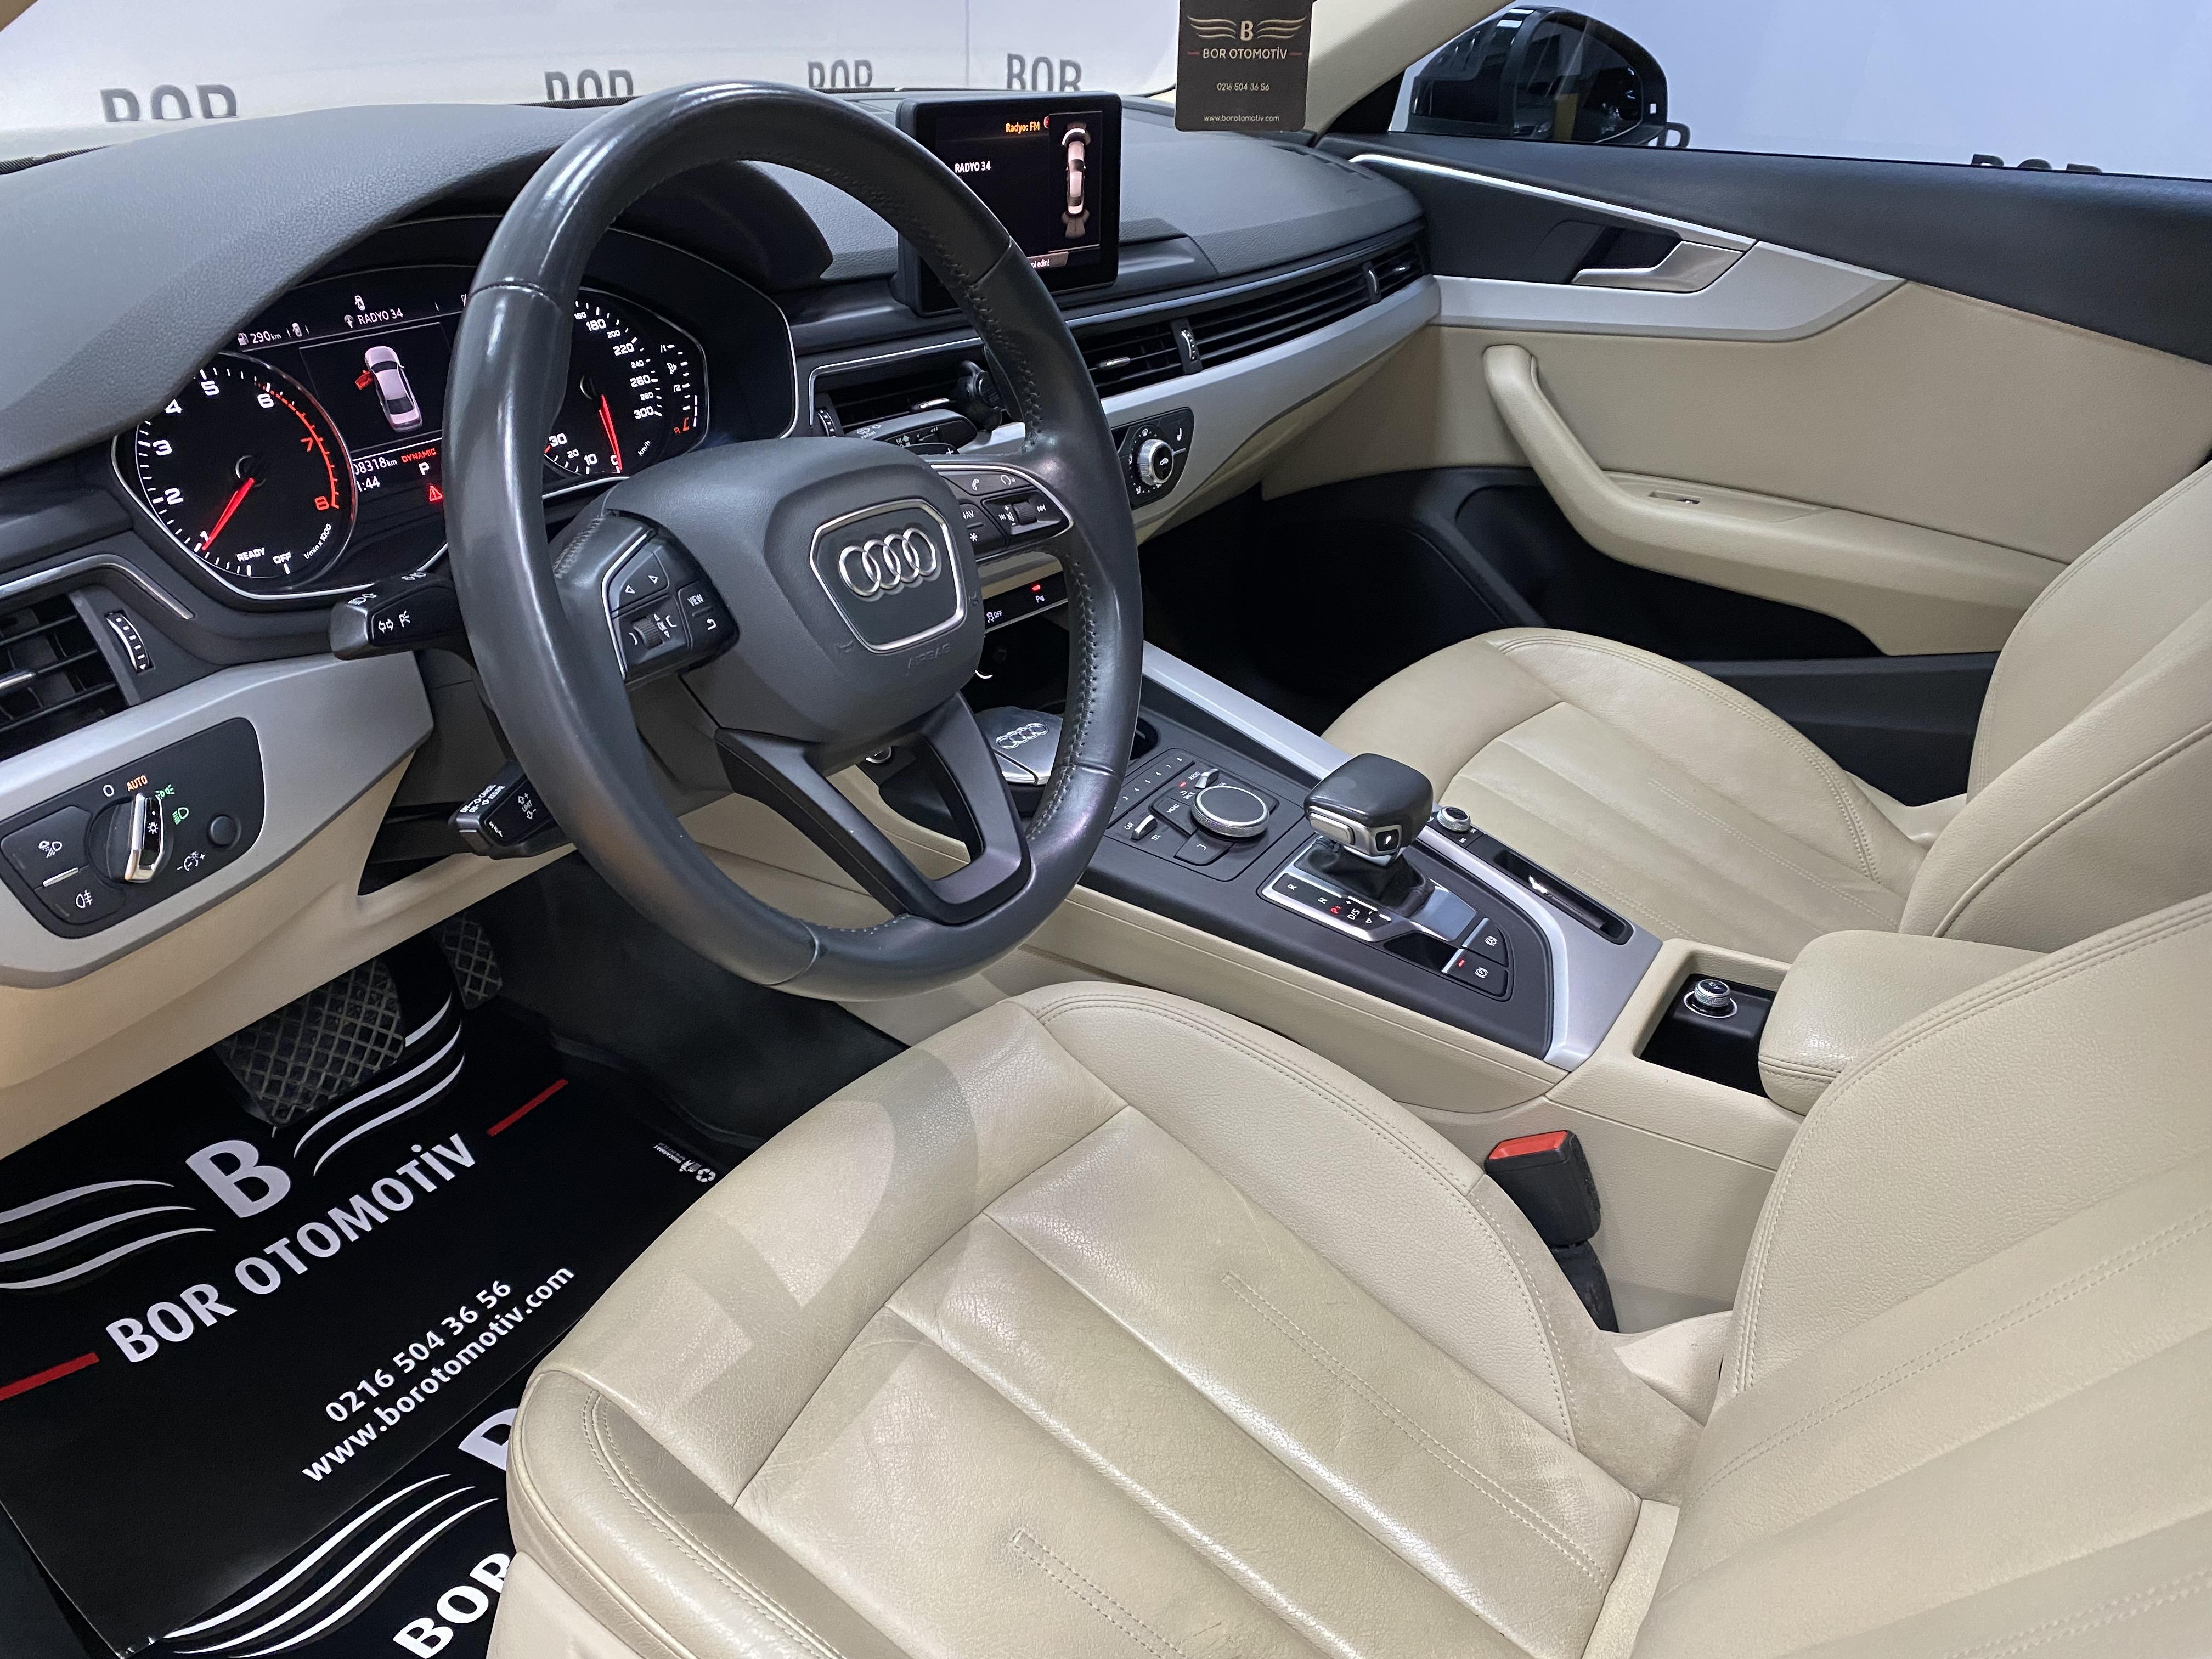 2016*Audi A4 1.4 TFSI Dynamic*Krem Deri*Isıtma*Led*Xenon*Bakımlı full